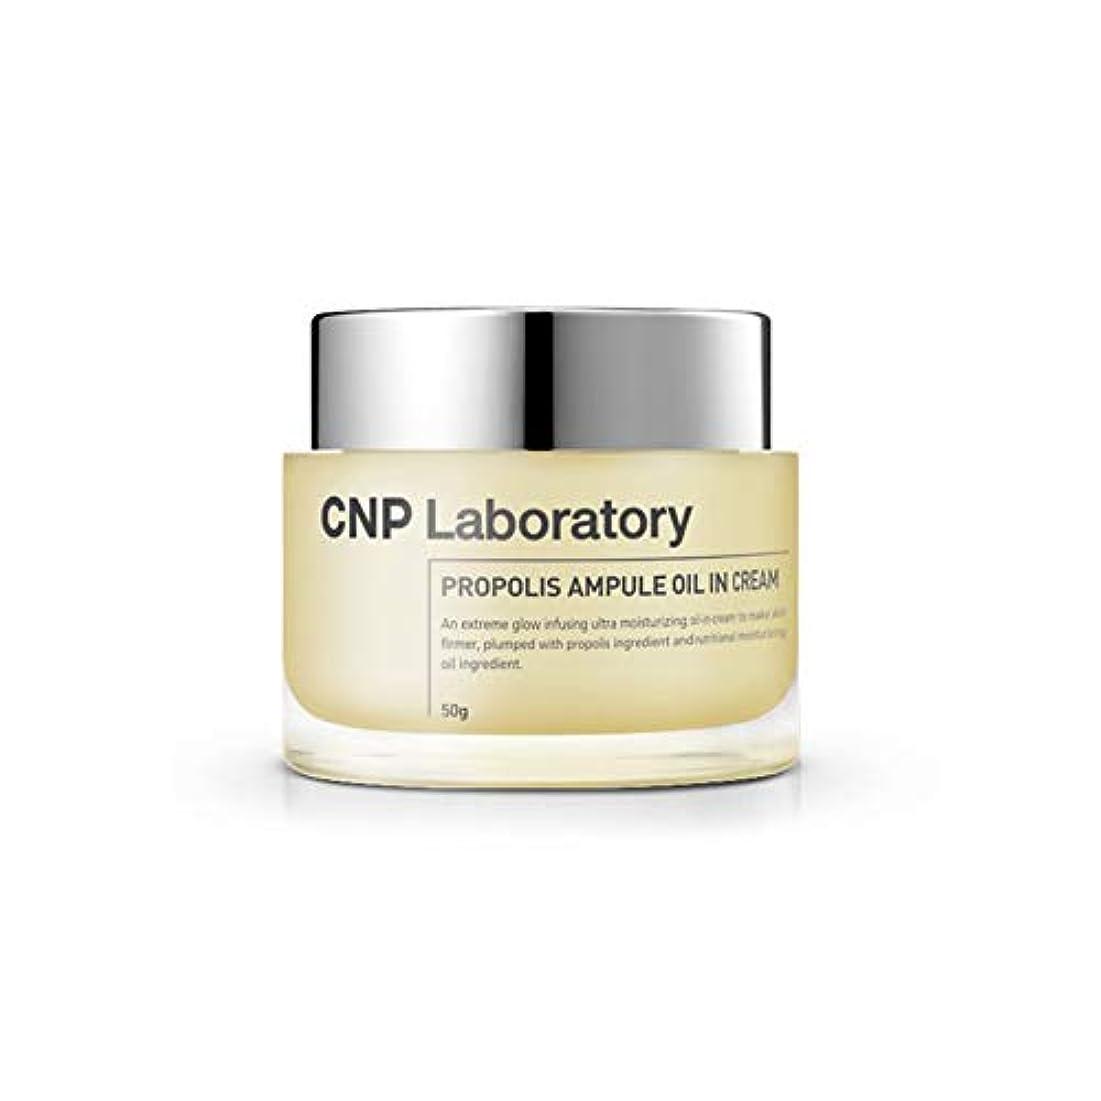 [CNP Laboratory] CNP チャ&パク プロポリスアンプルオイルインクリーム 50g [海外直送品][並行輸入品]